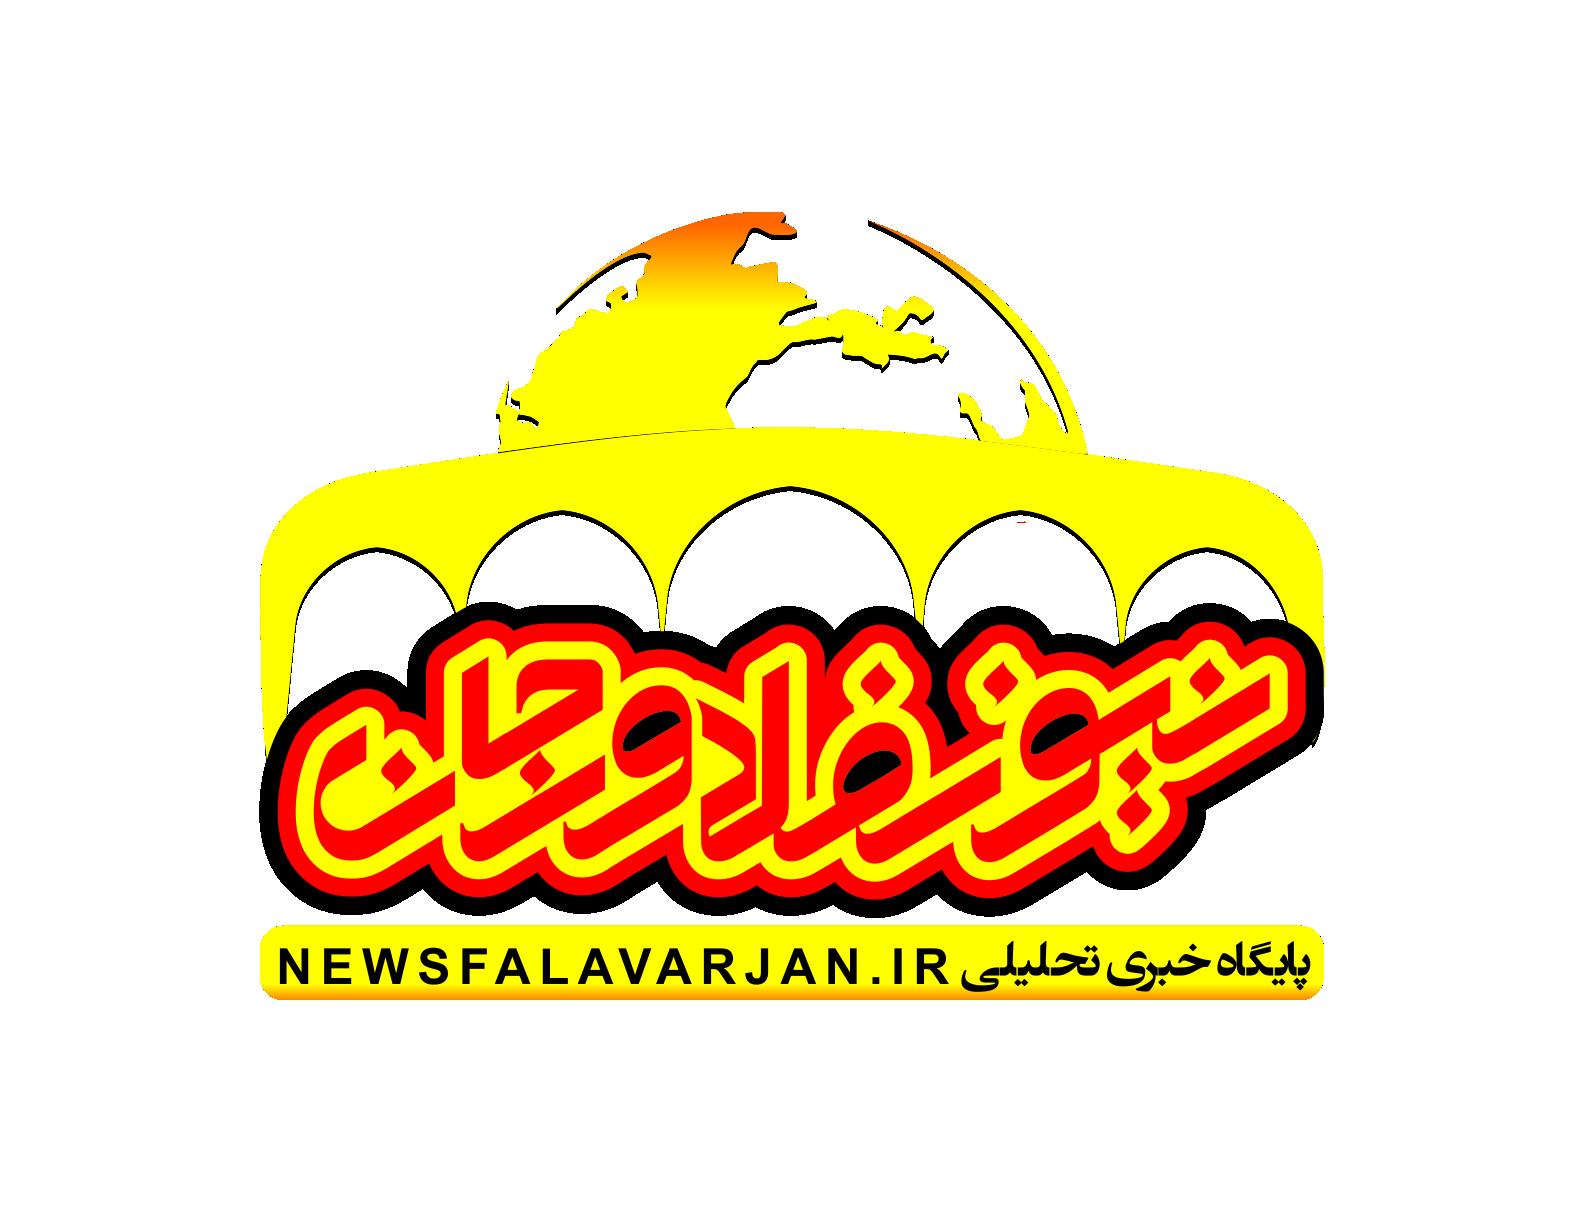 کلاهبرداری از مردم با تاسیس دفتر حقوقی و داوری  در شهرستان فلاورجان